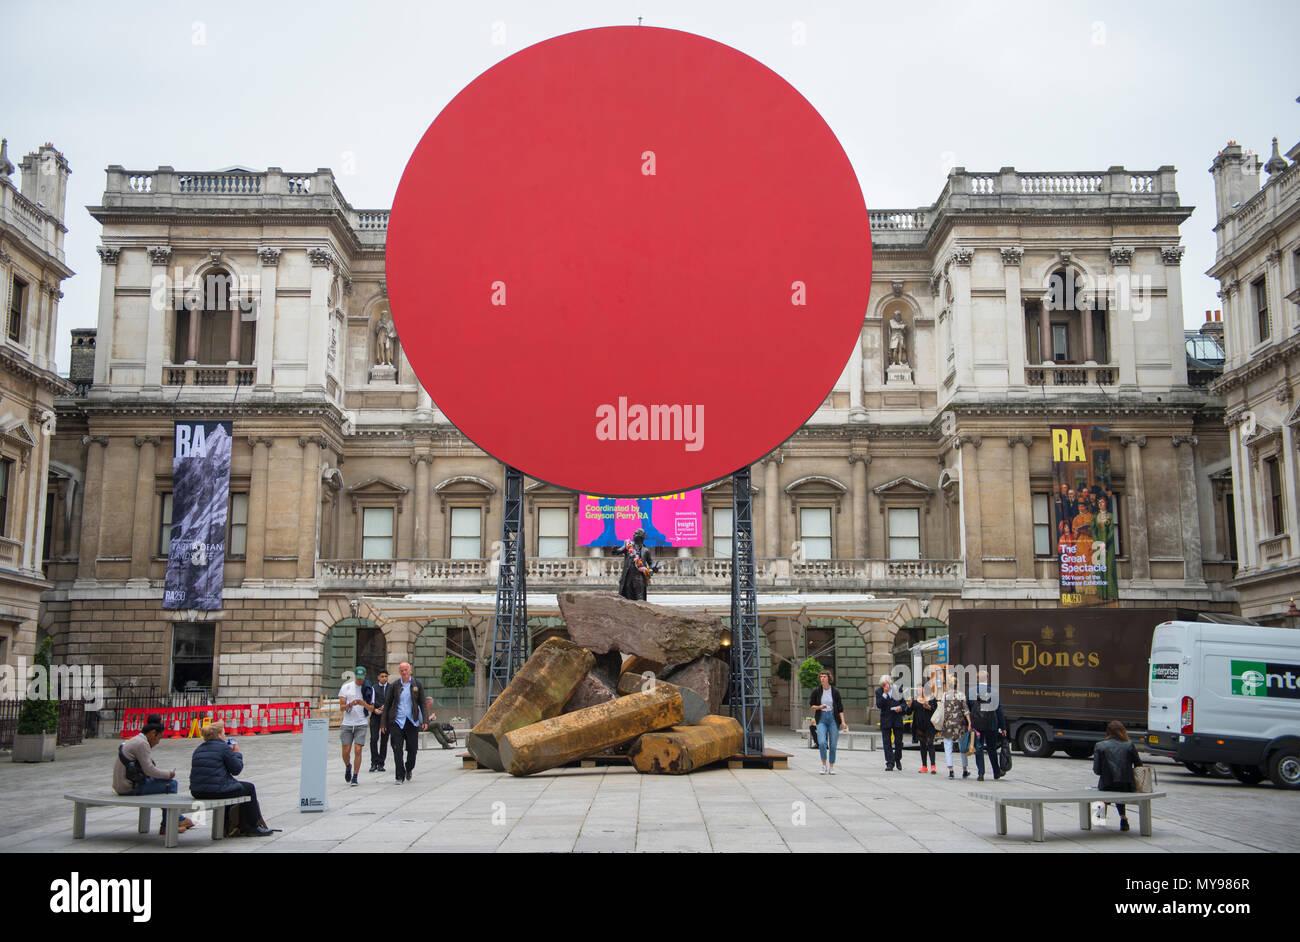 4 de junio de 2018. Sir Anish Kapoor RA escultura, Sinfonía de una amada hija, 2018, en la Annenberg Courtyard, la Royal Academy Of Arts. Imagen De Stock